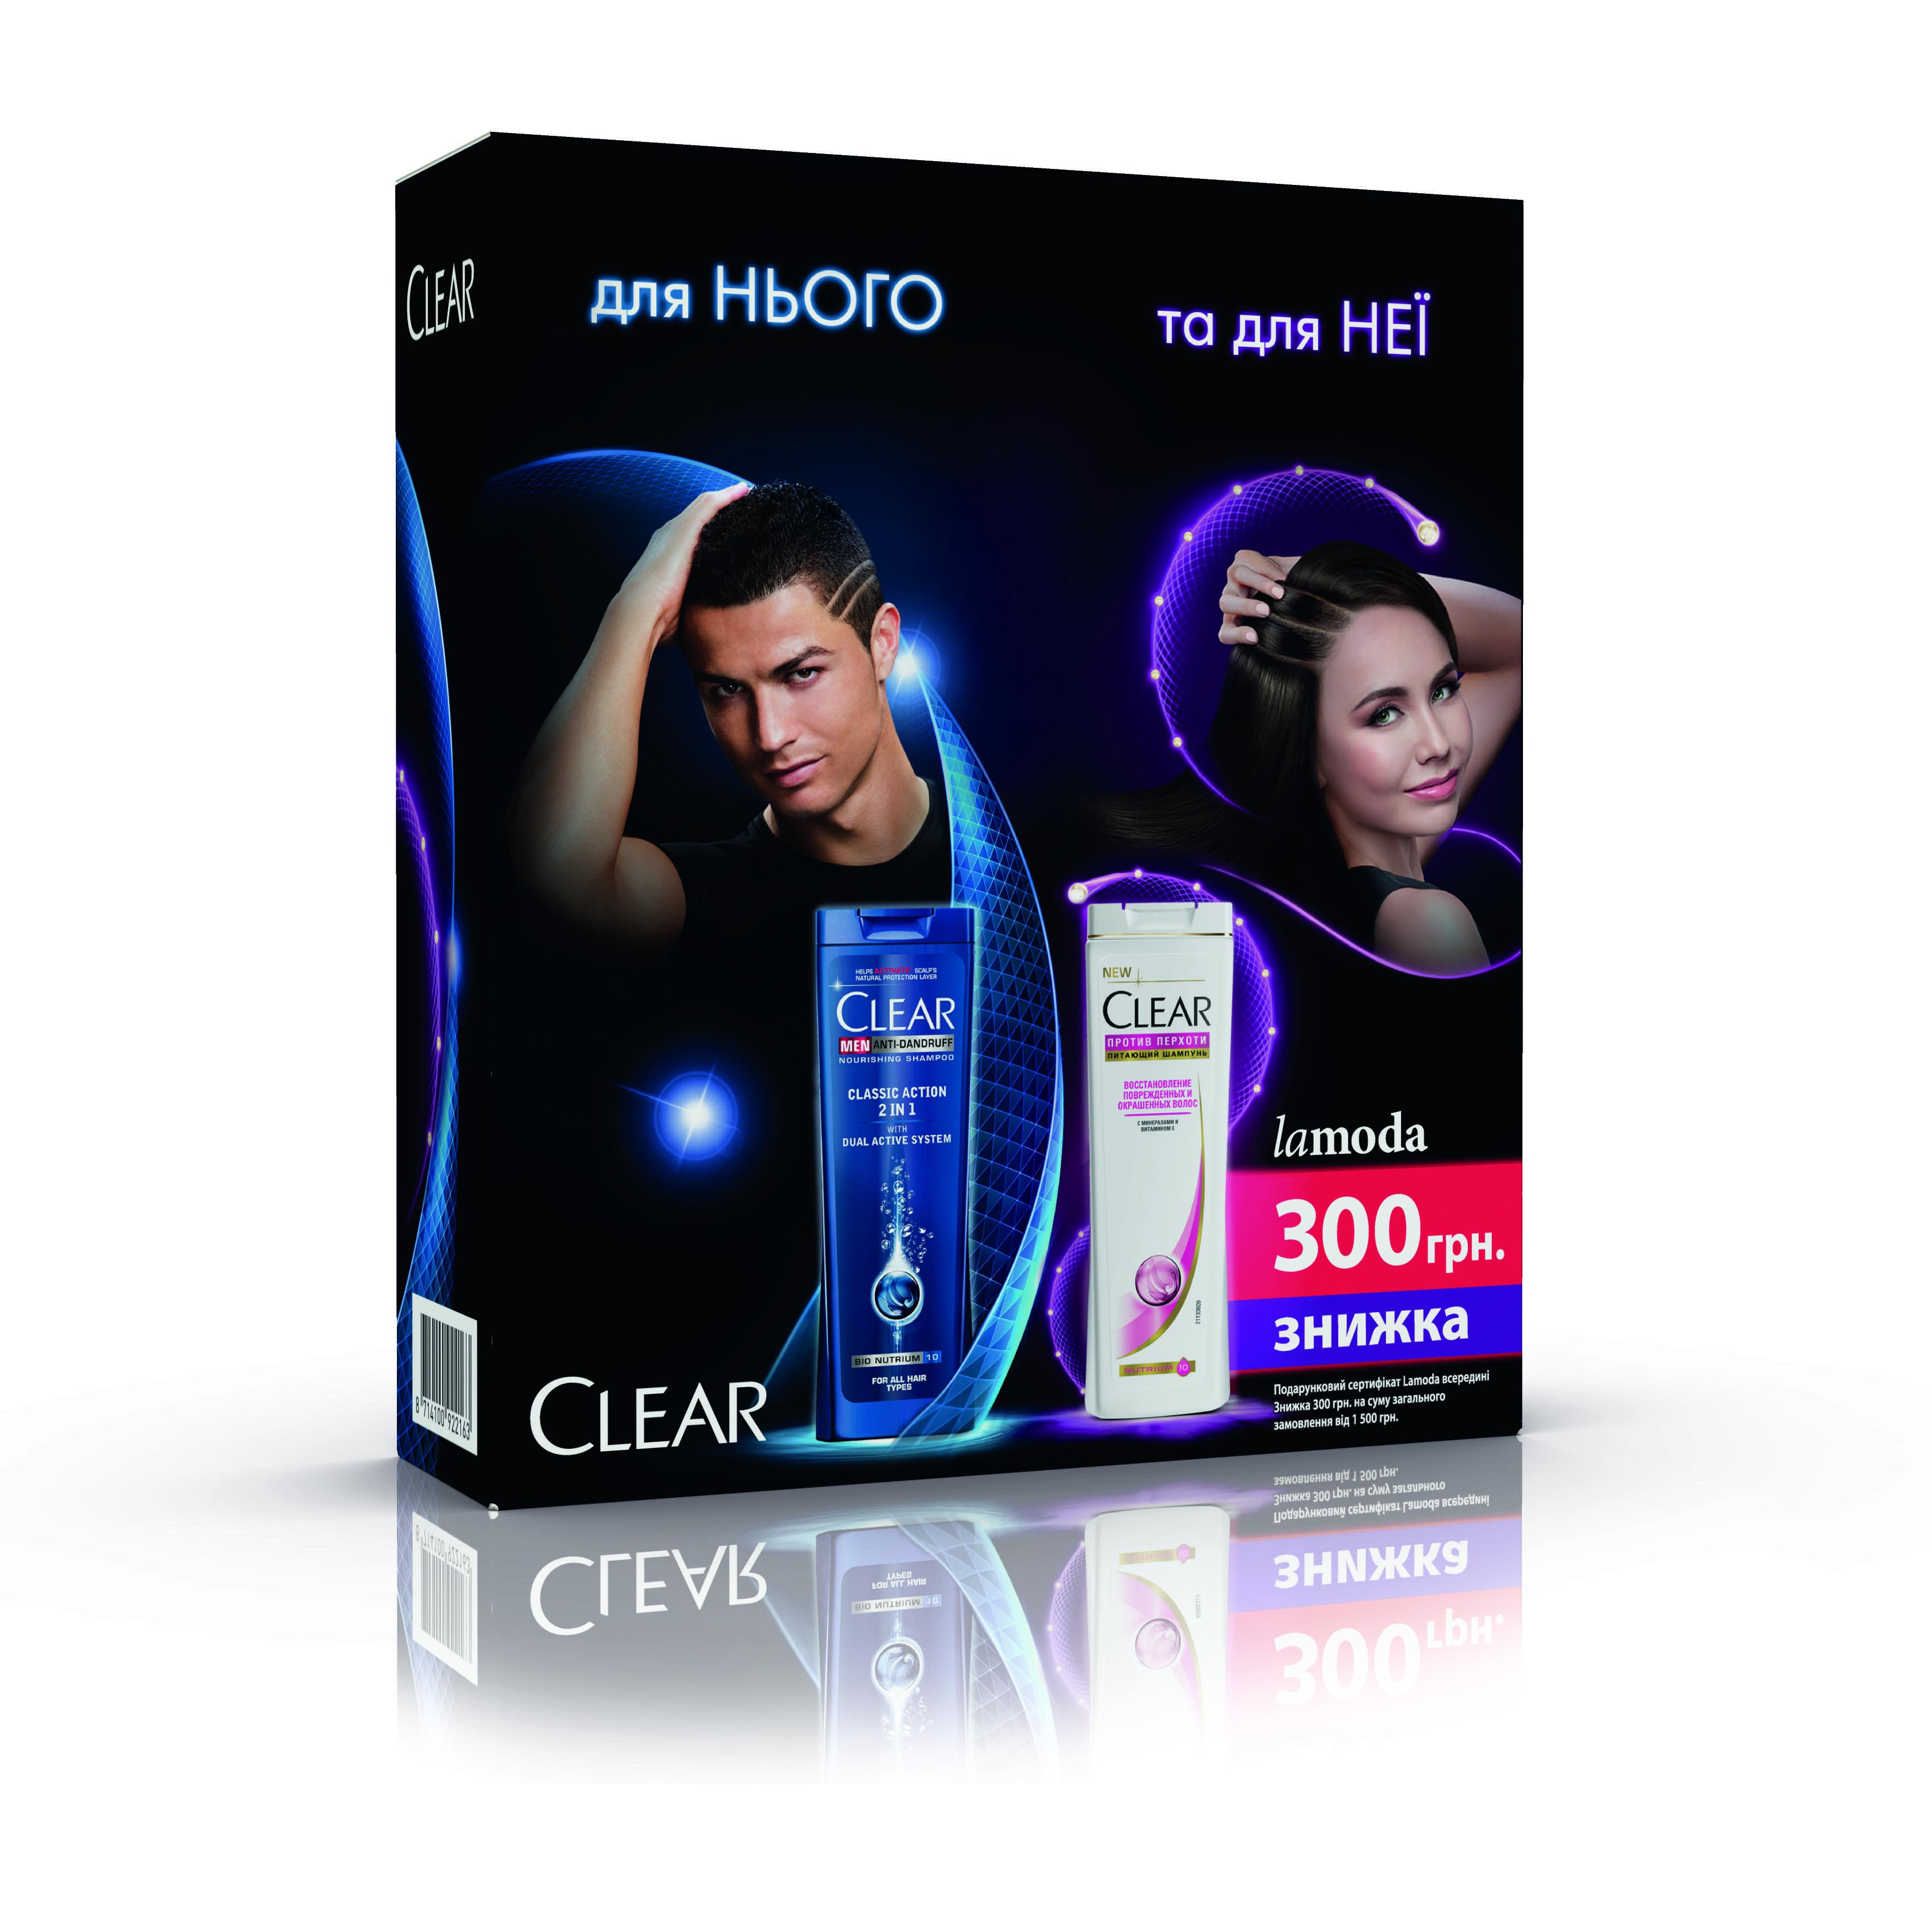 clear vita Clear Vita Для нее и для него 2017 (8714100922163)